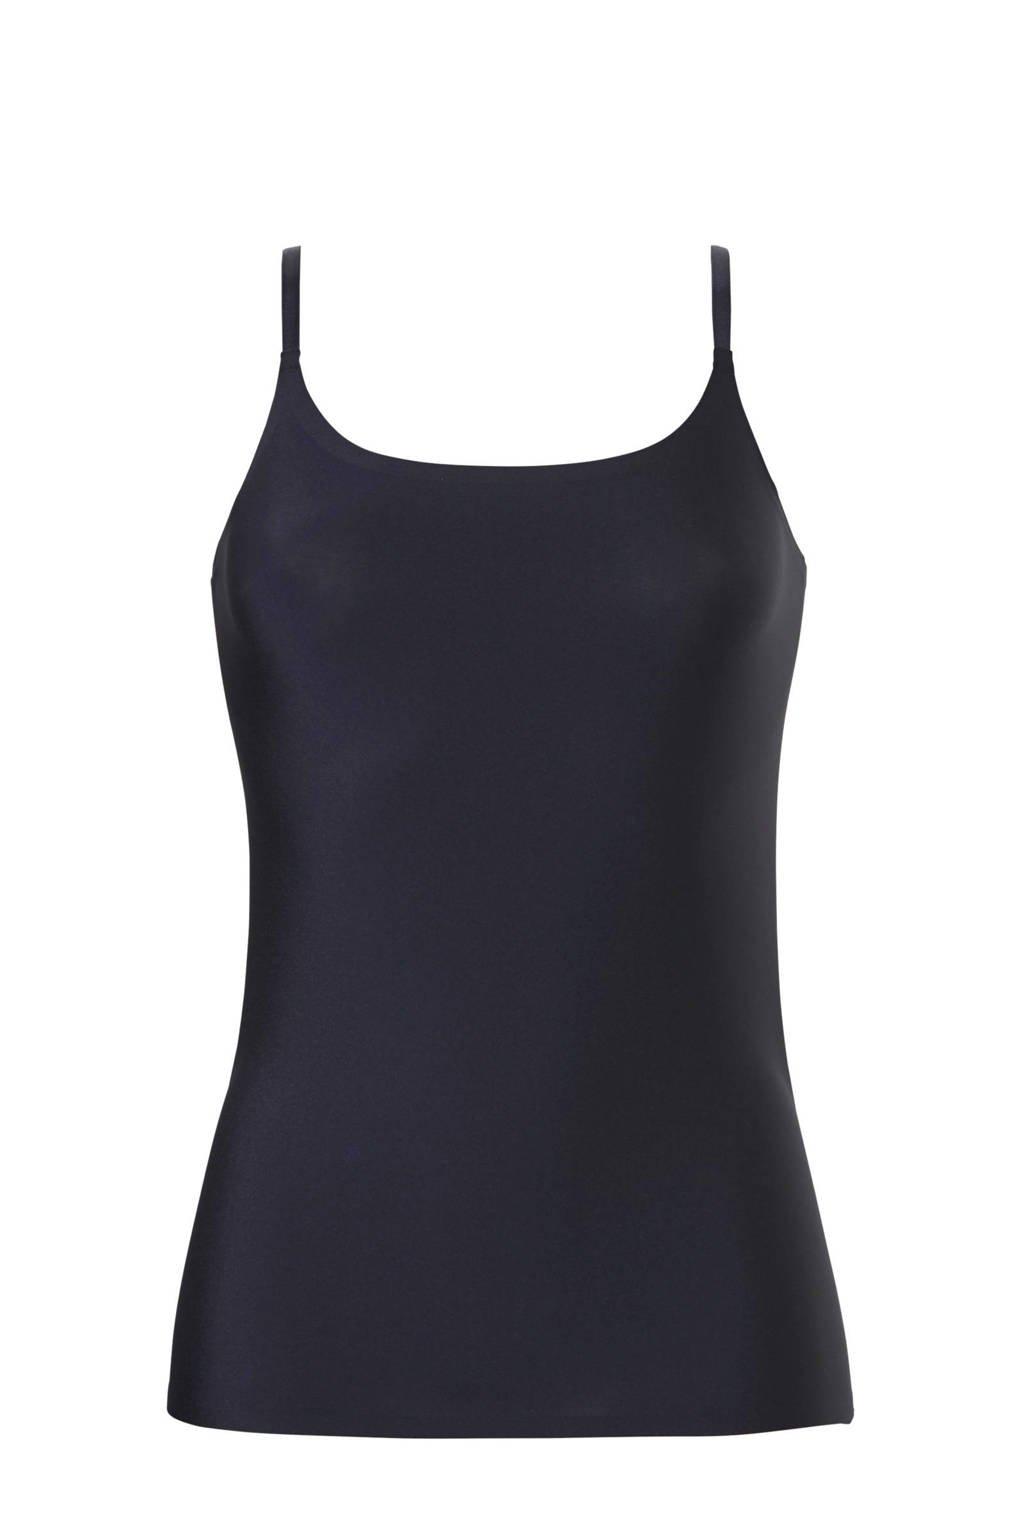 ten Cate Secrets naadloos hemd donkerblauw, Blauw